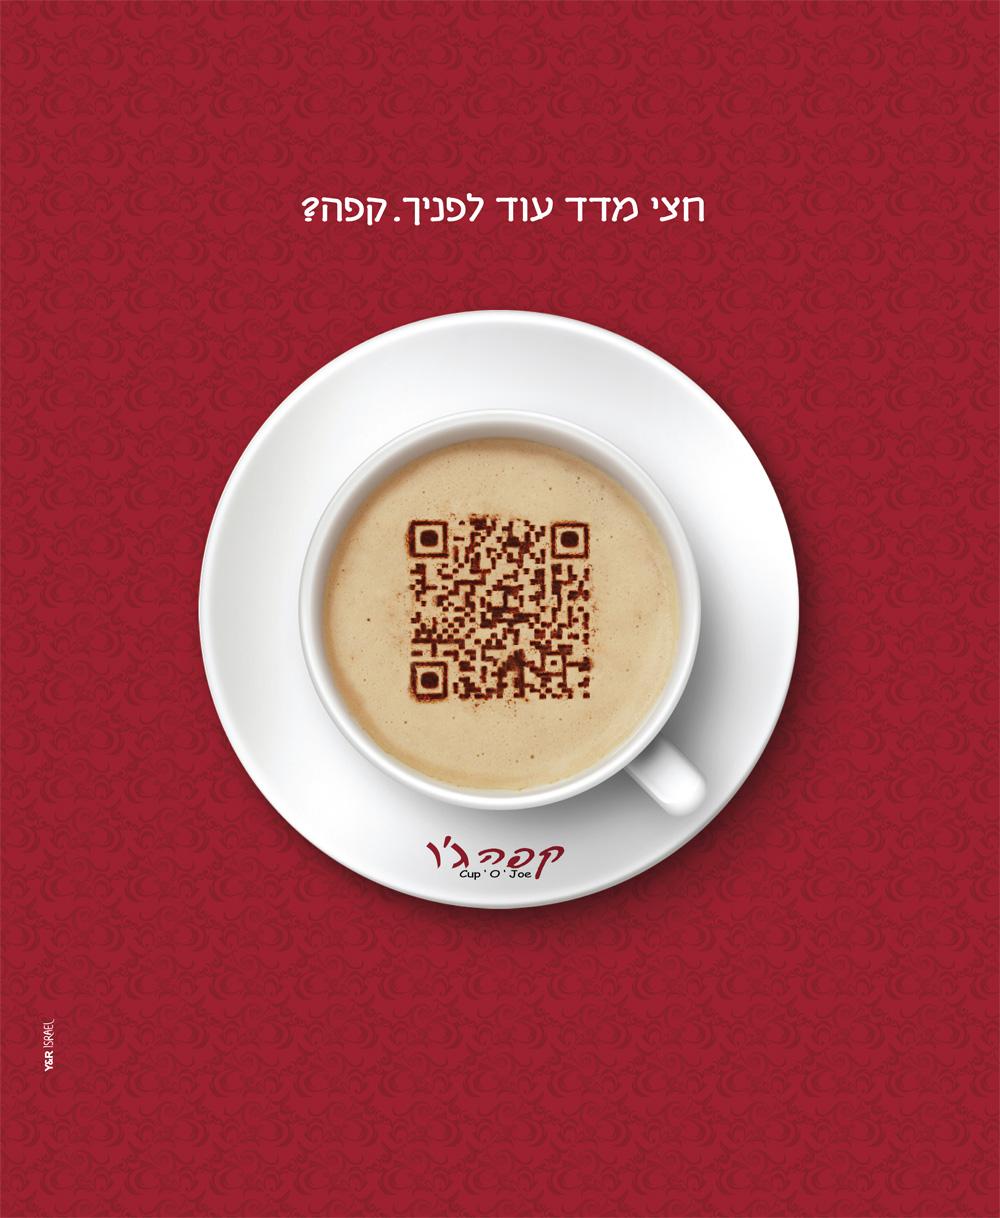 מדד המותגים 2012: מודעה מבוססת מיקום לקפה ג'ו